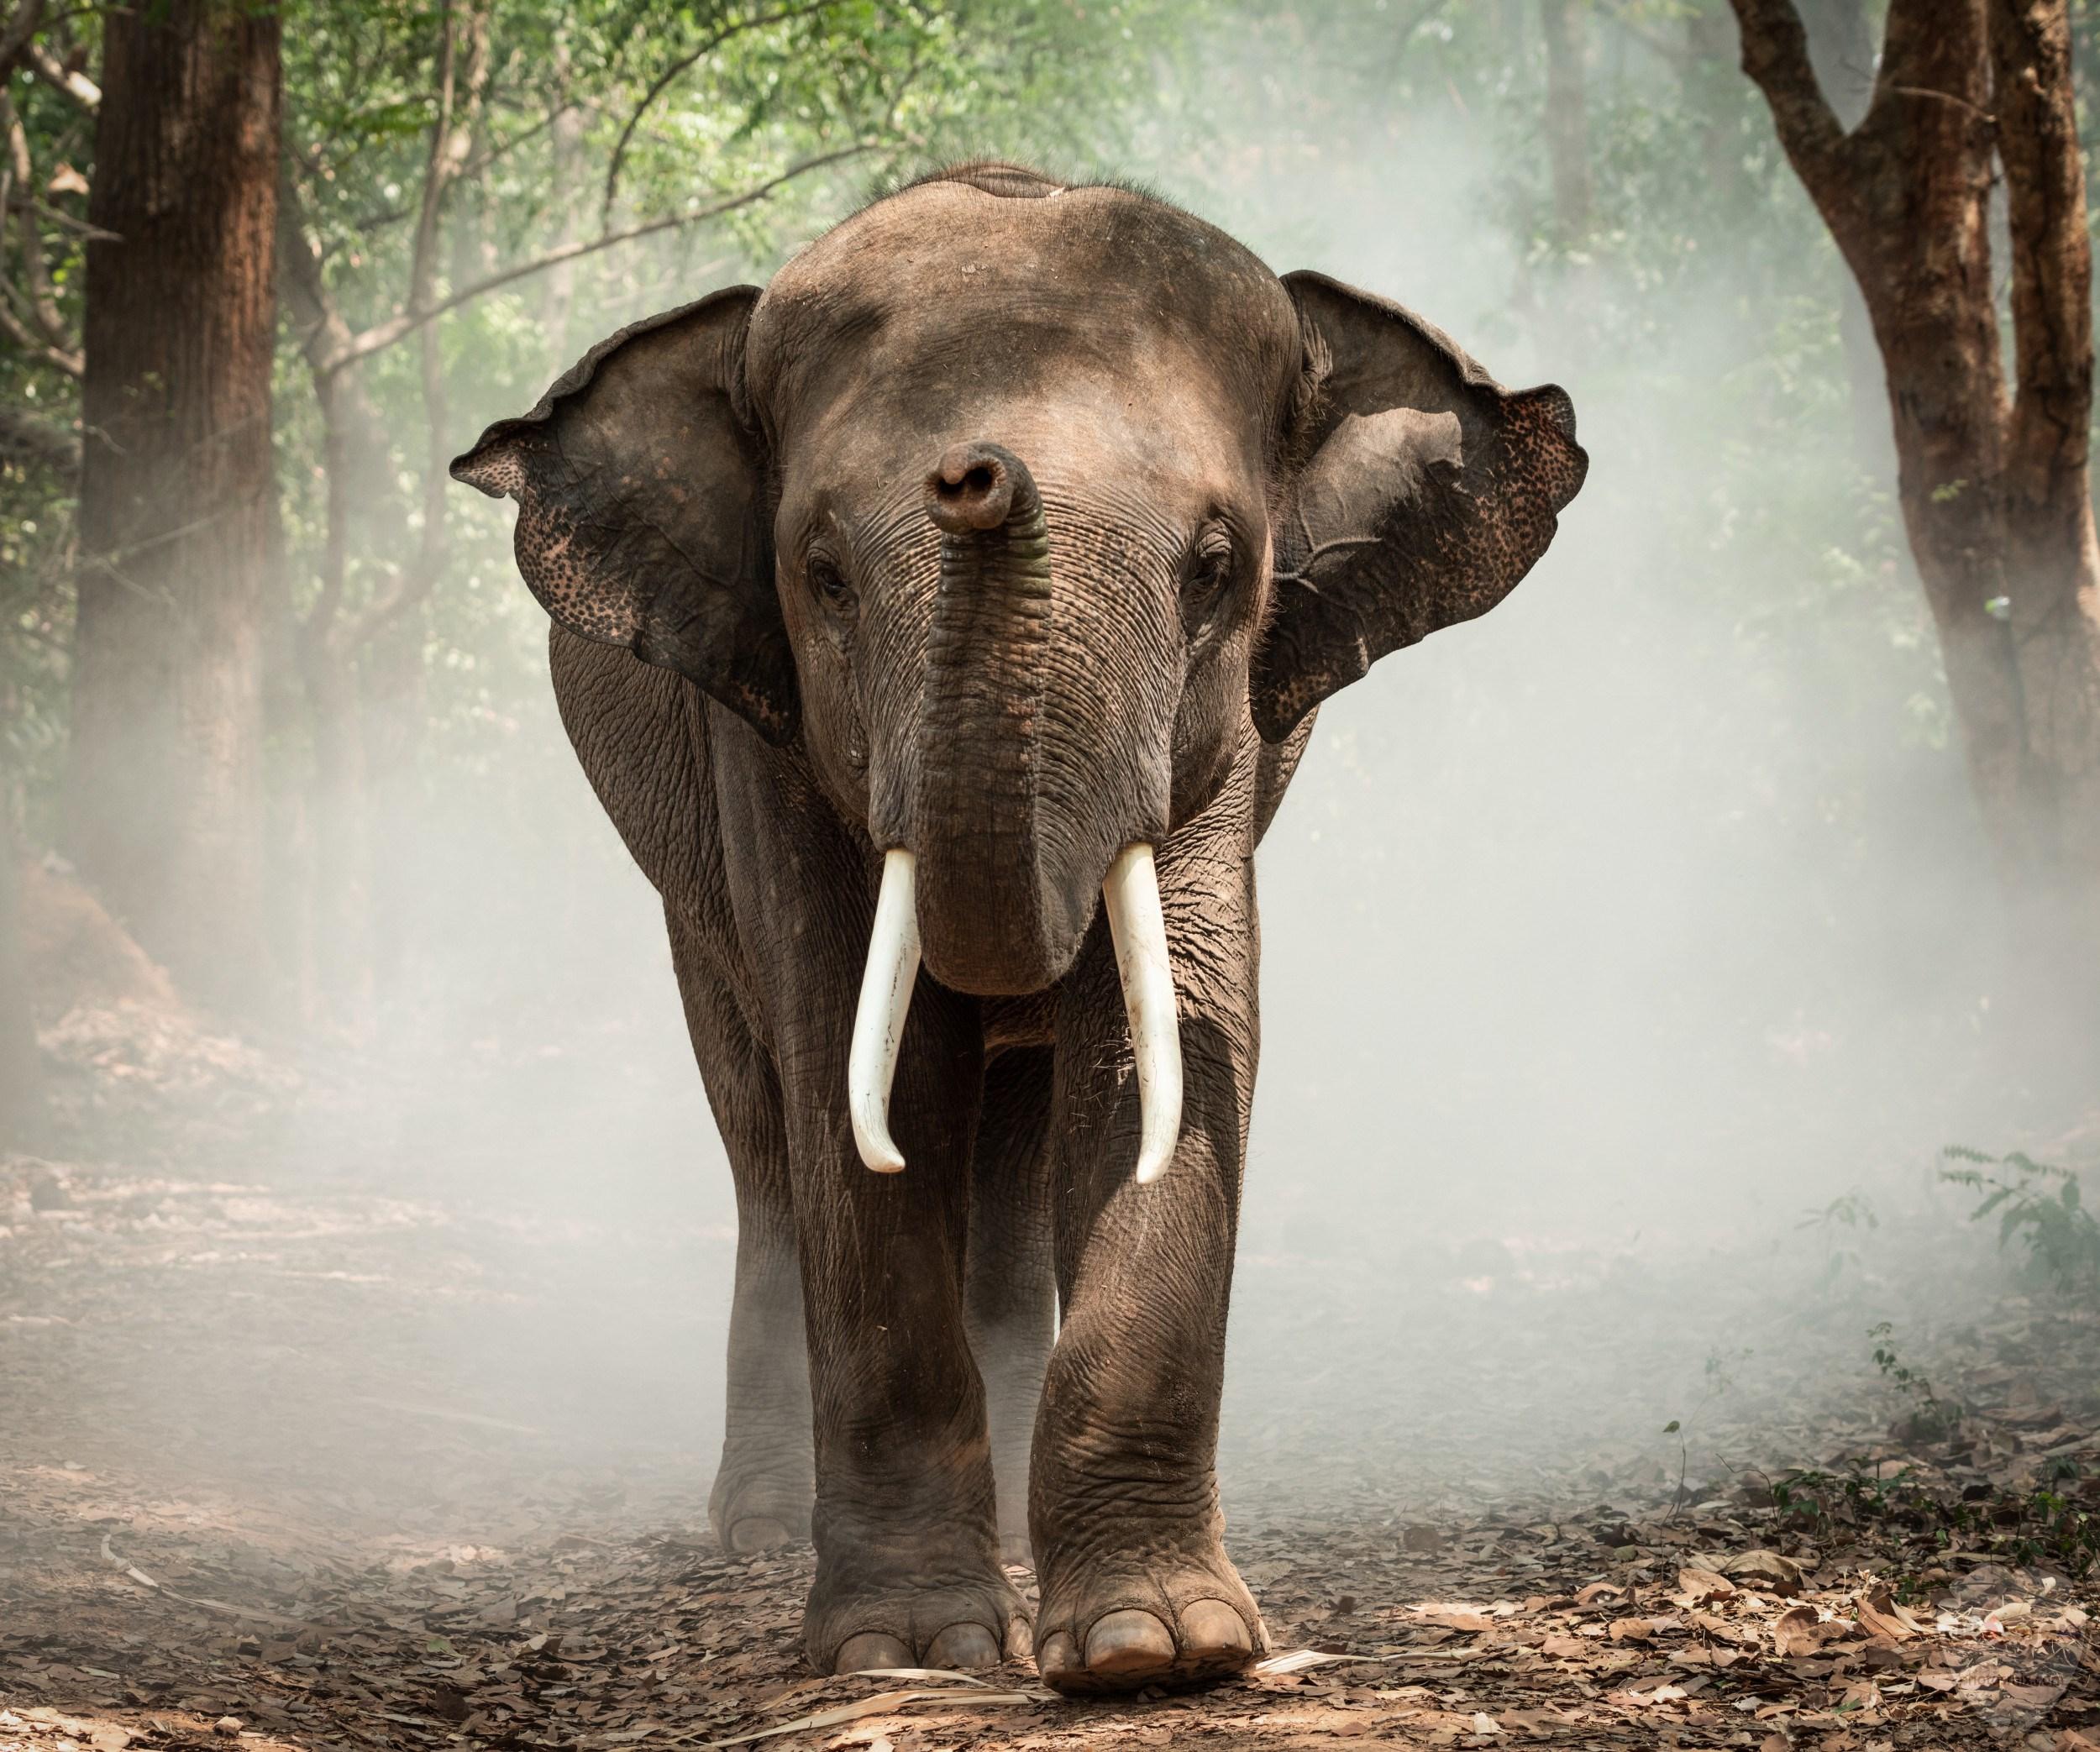 صور الفيل لمحبي الحيوانات وخصوصا الفيل سنقدم لكم مجموعة صور رائعة وجميلة جدا عن حيوان الفيل 2